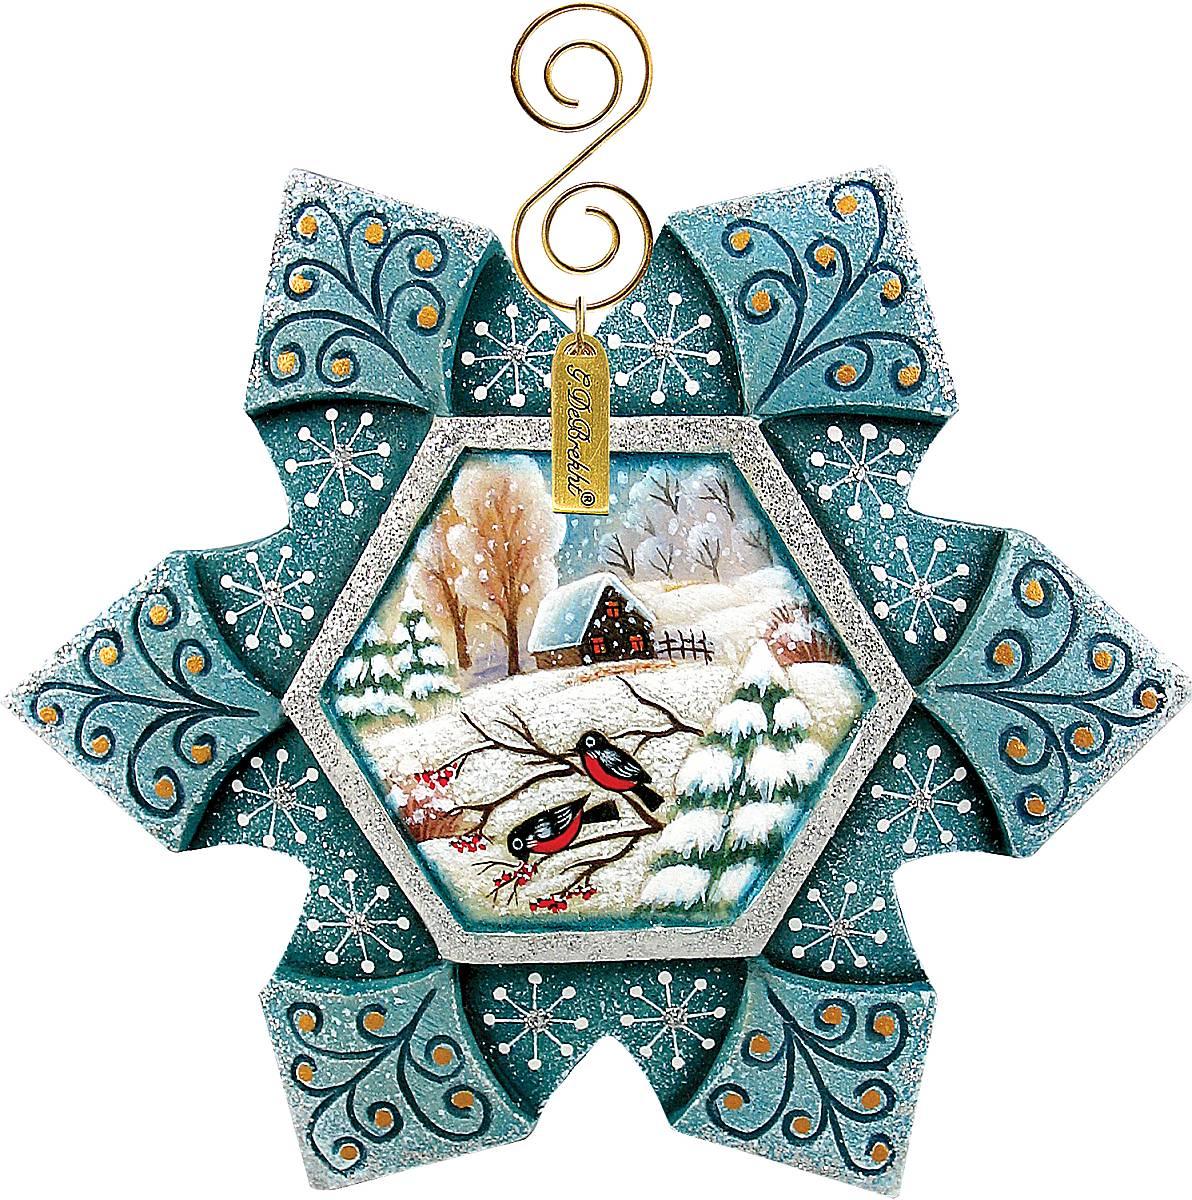 Украшение новогоднее подвесное Mister Christmas Снежинка, коллекционное, диаметр 11 смA6483LM-6WHНовый вод, в первую очередь, ассоциируется с зимой. А зима - с сугробами и падающими с неба пушистыми снежинками. Украшение Mister Christmas Снежинка будет изящно смотреться на фоне зеленой хвои, будь она настоящей или искусственной. Изделие выполнено из полистоуна и представляет собой объемную снежинку с текстурной фактурой и блестками разных размеров. На еловой ветке она фиксируется благодаря специальной петельке, сделанной из прочной веревочки. Новогоднее украшение Mister Christmas Снежинка оформит интерьер вашего дома или офиса в преддверии Нового года. А также станет отличным решением новогоднего подарка для ваших друзей и коллег.